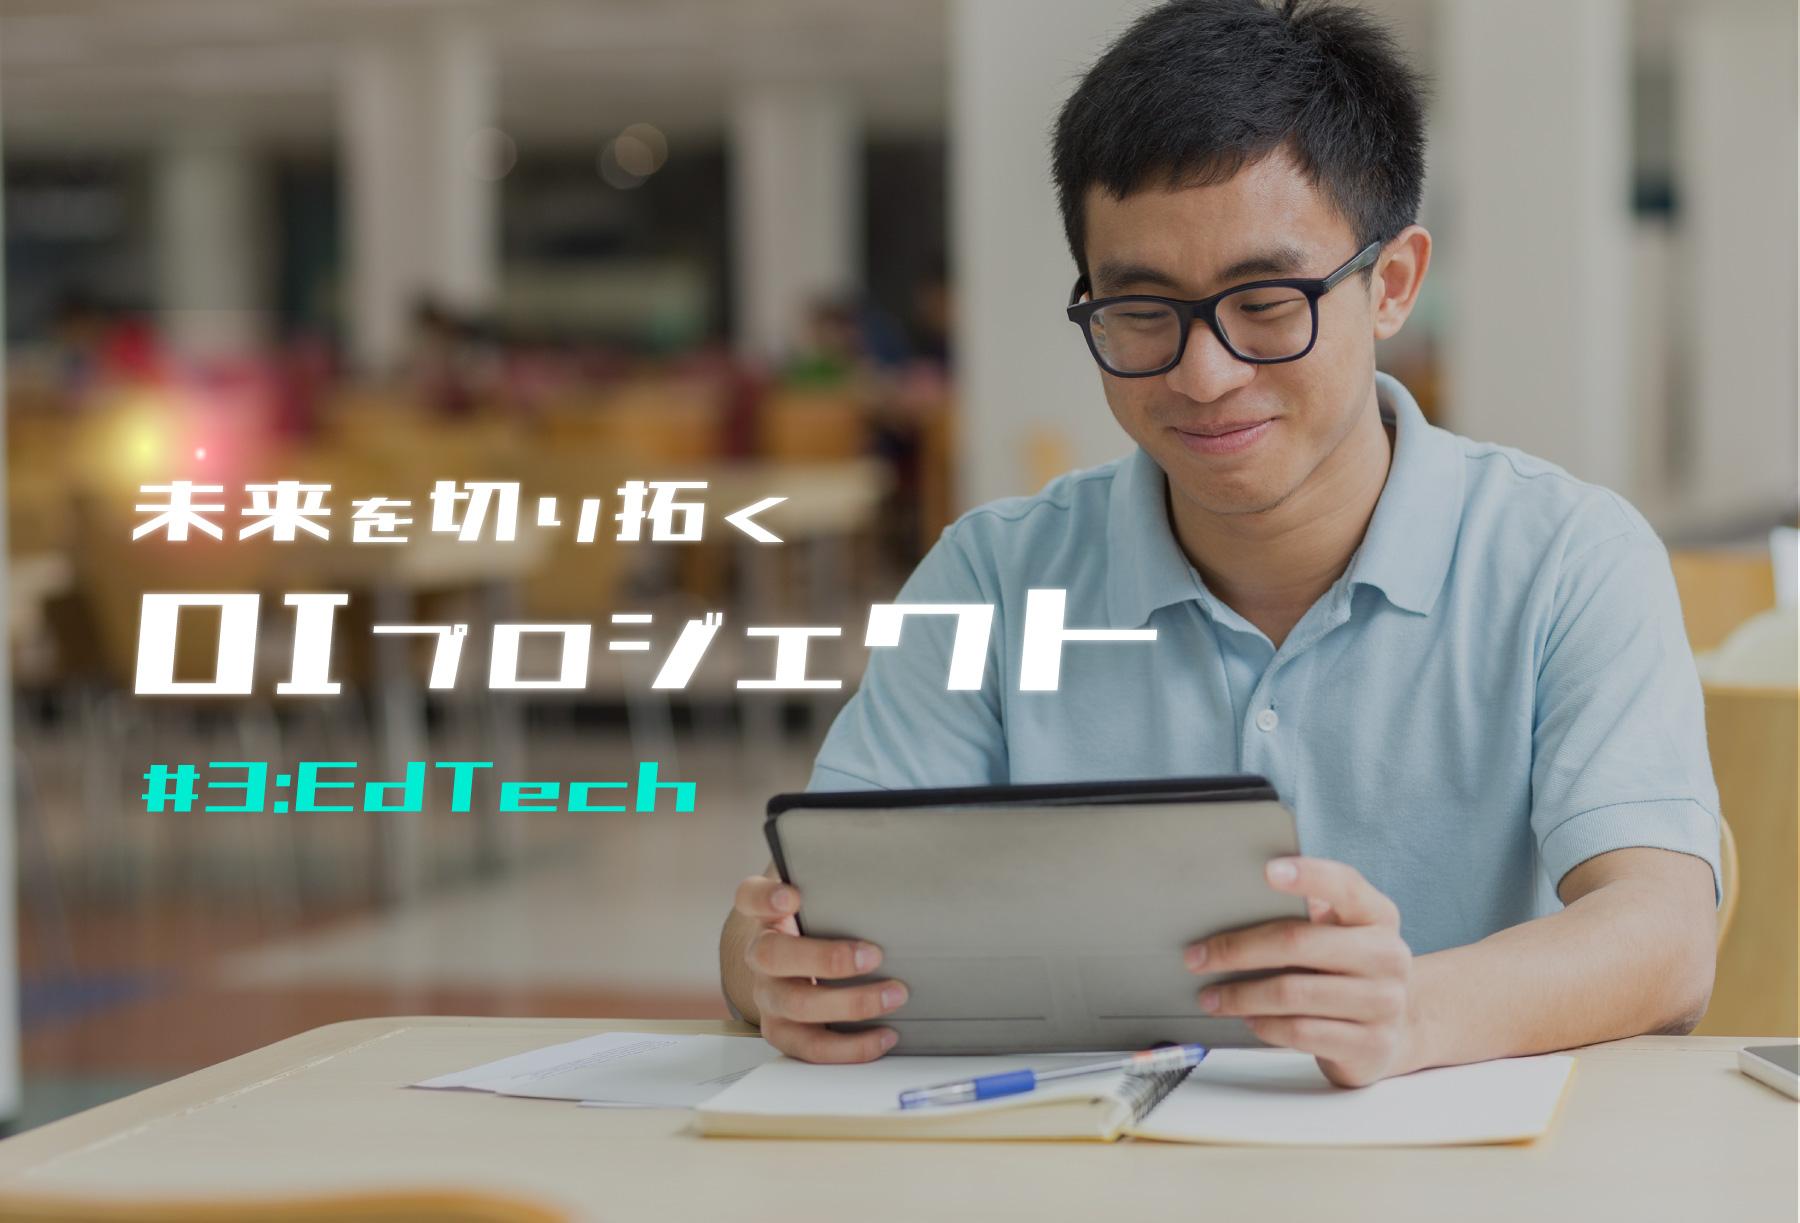 教育分野(エドテック)で未来を切り拓くOIプロジェクト5選